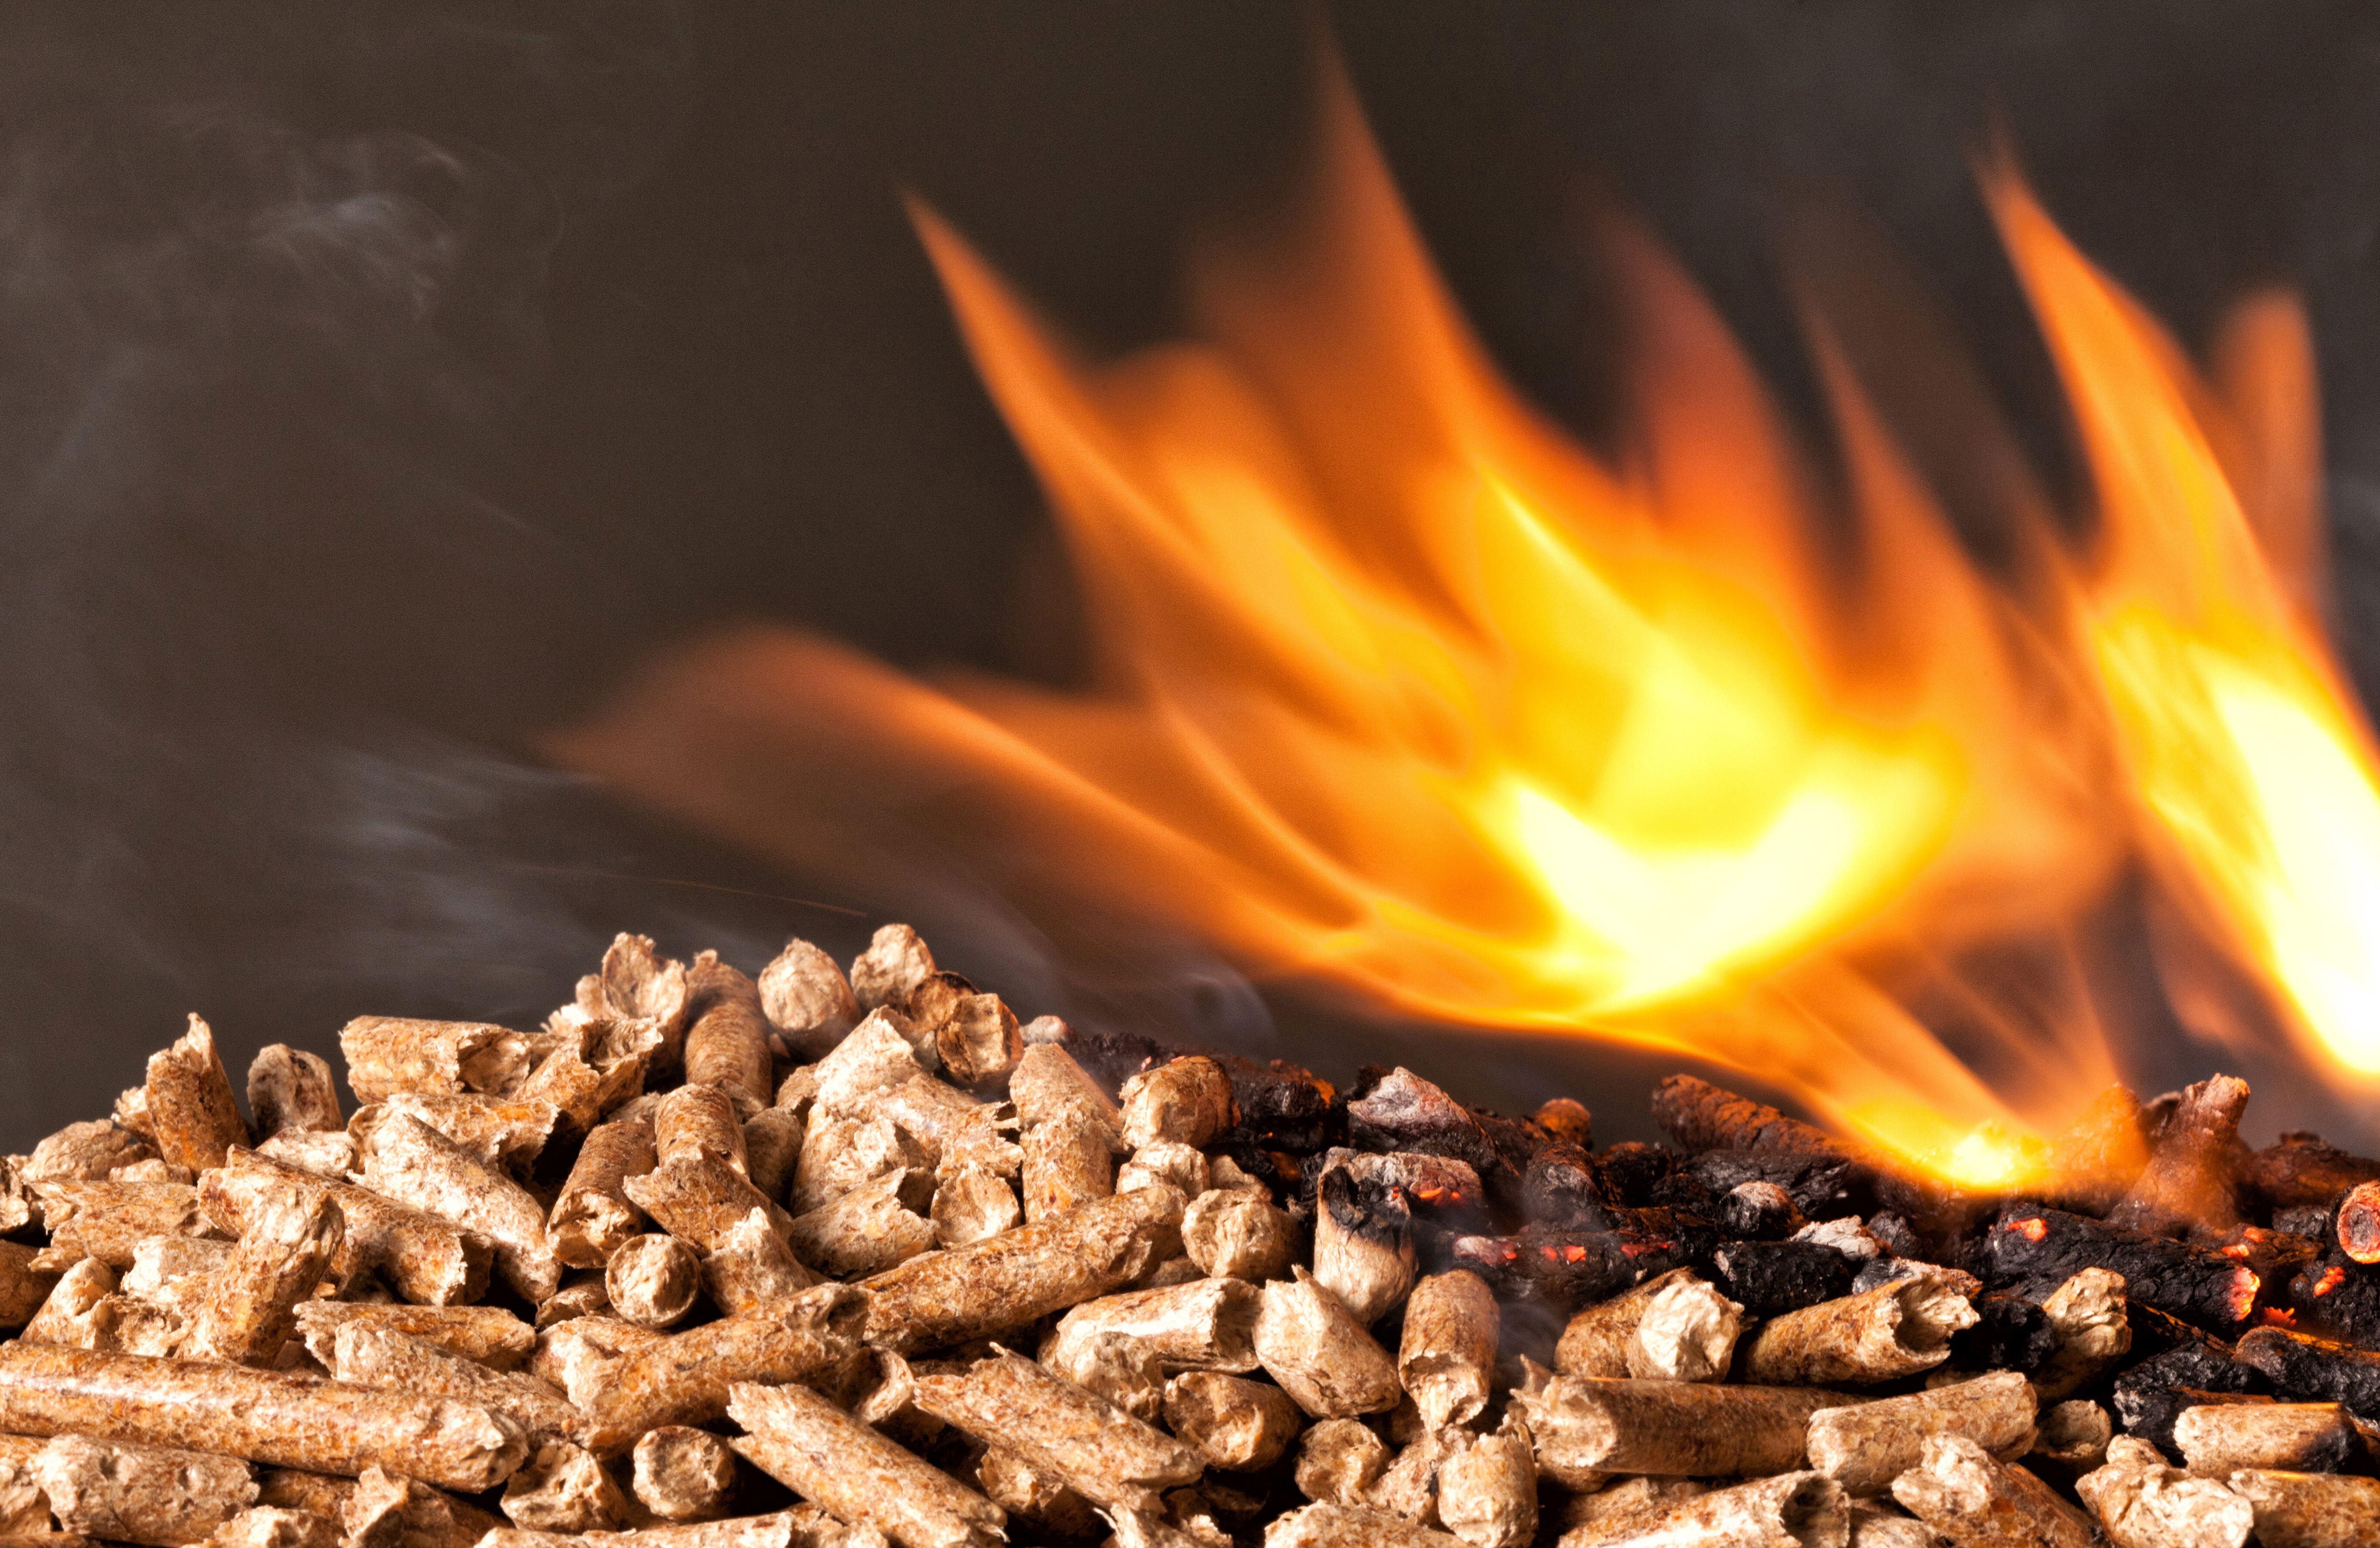 heizwert von pellets vergleich zu l gas. Black Bedroom Furniture Sets. Home Design Ideas